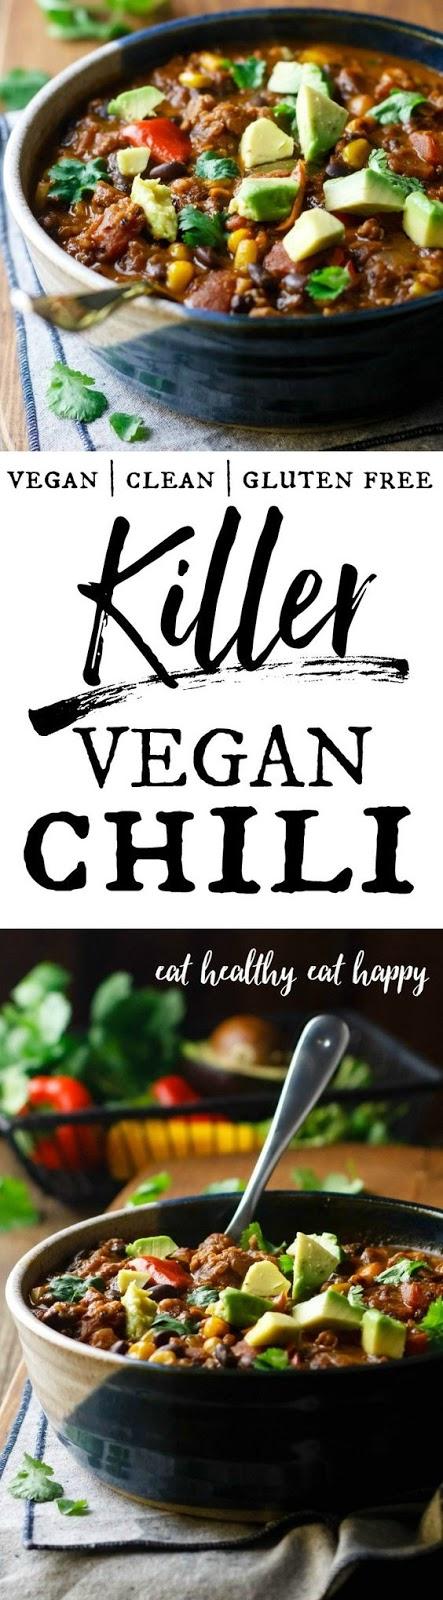 Killer Vegan Chili